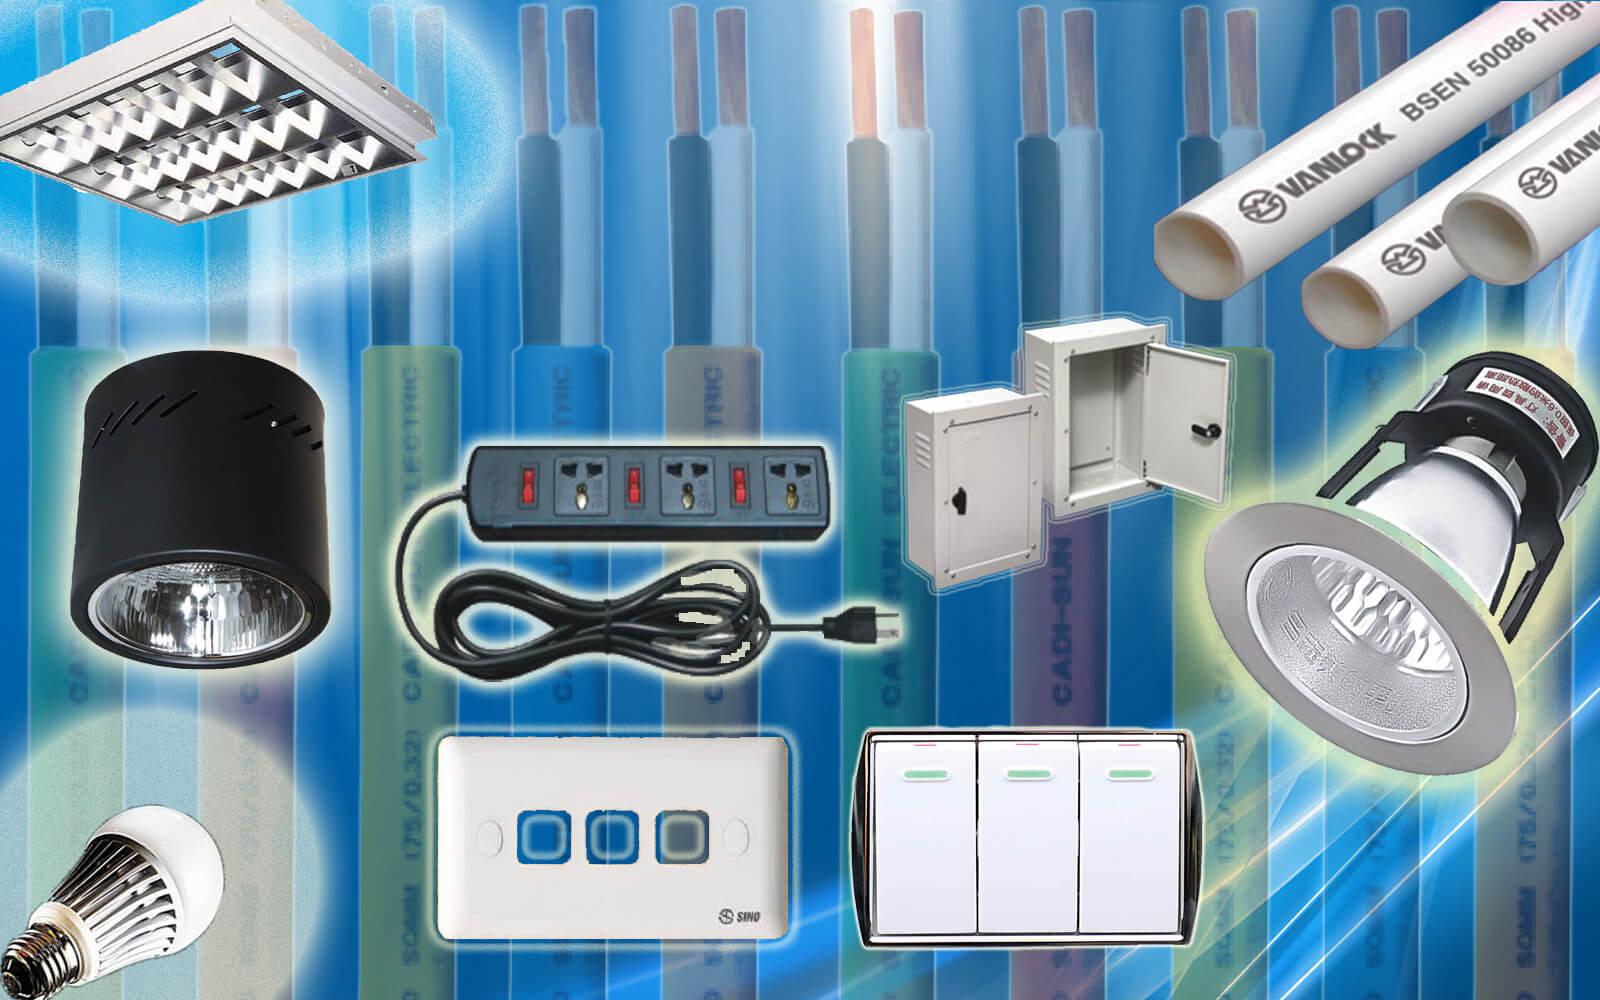 Nhà cung cấp thiết bị điện dân dụng uy tín An Lạc Phát